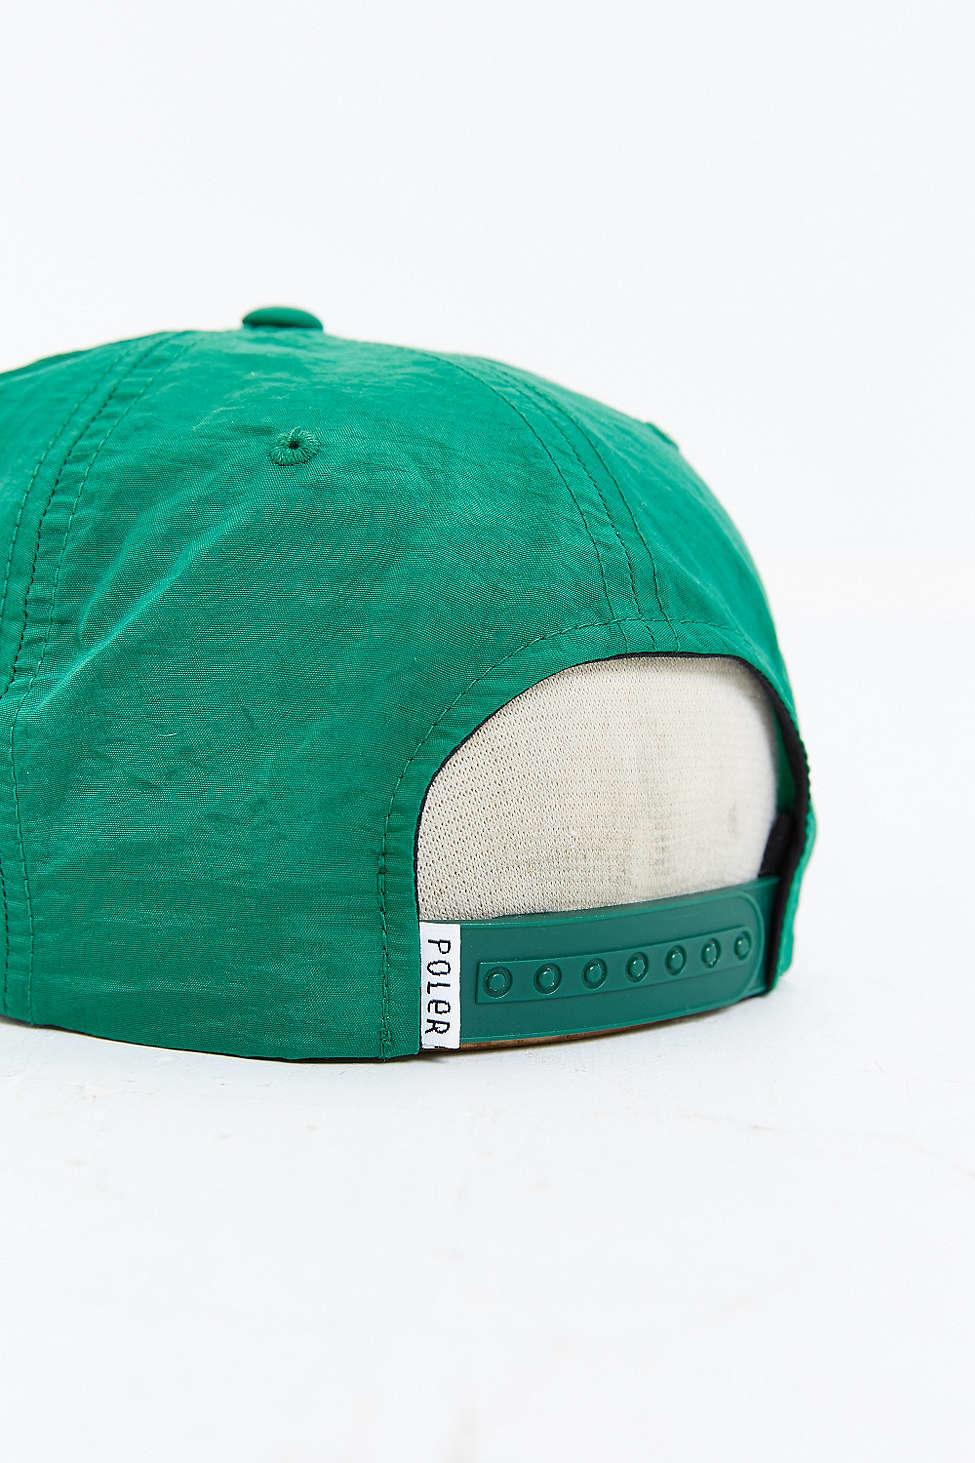 8713463e172 Lyst - Poler Coastal Floppy Baseball Hat in Green for Men